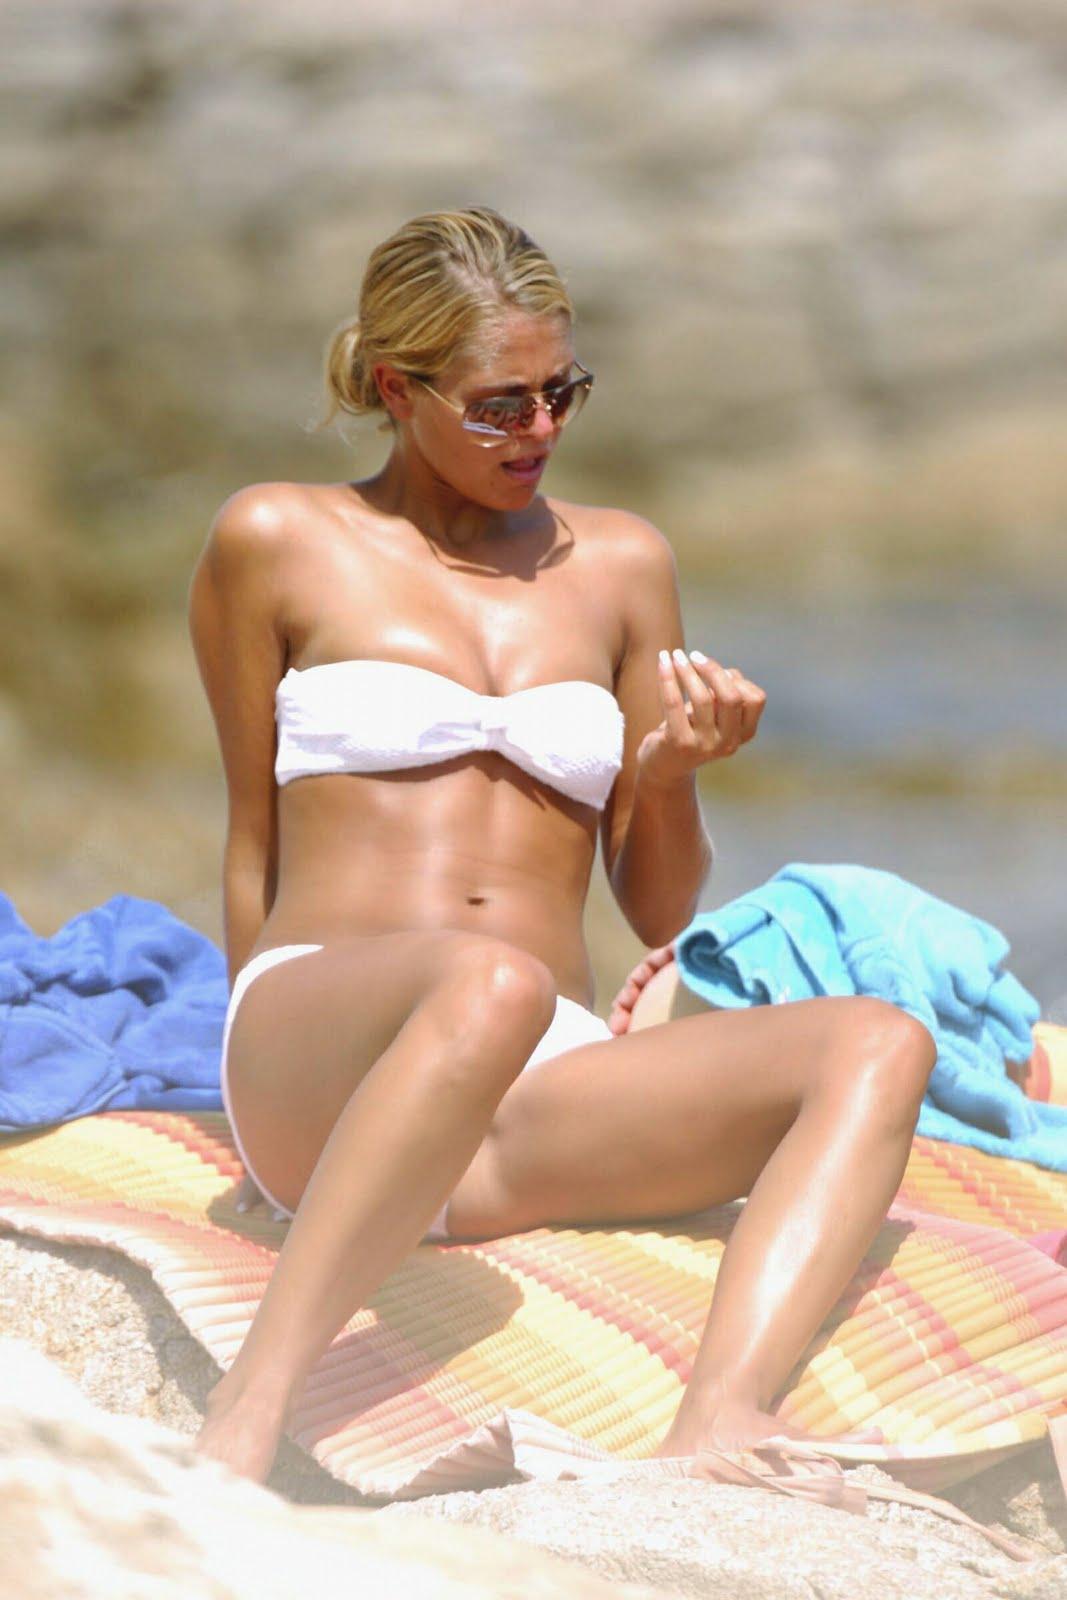 TotallyPics: Swedish princess in bikini